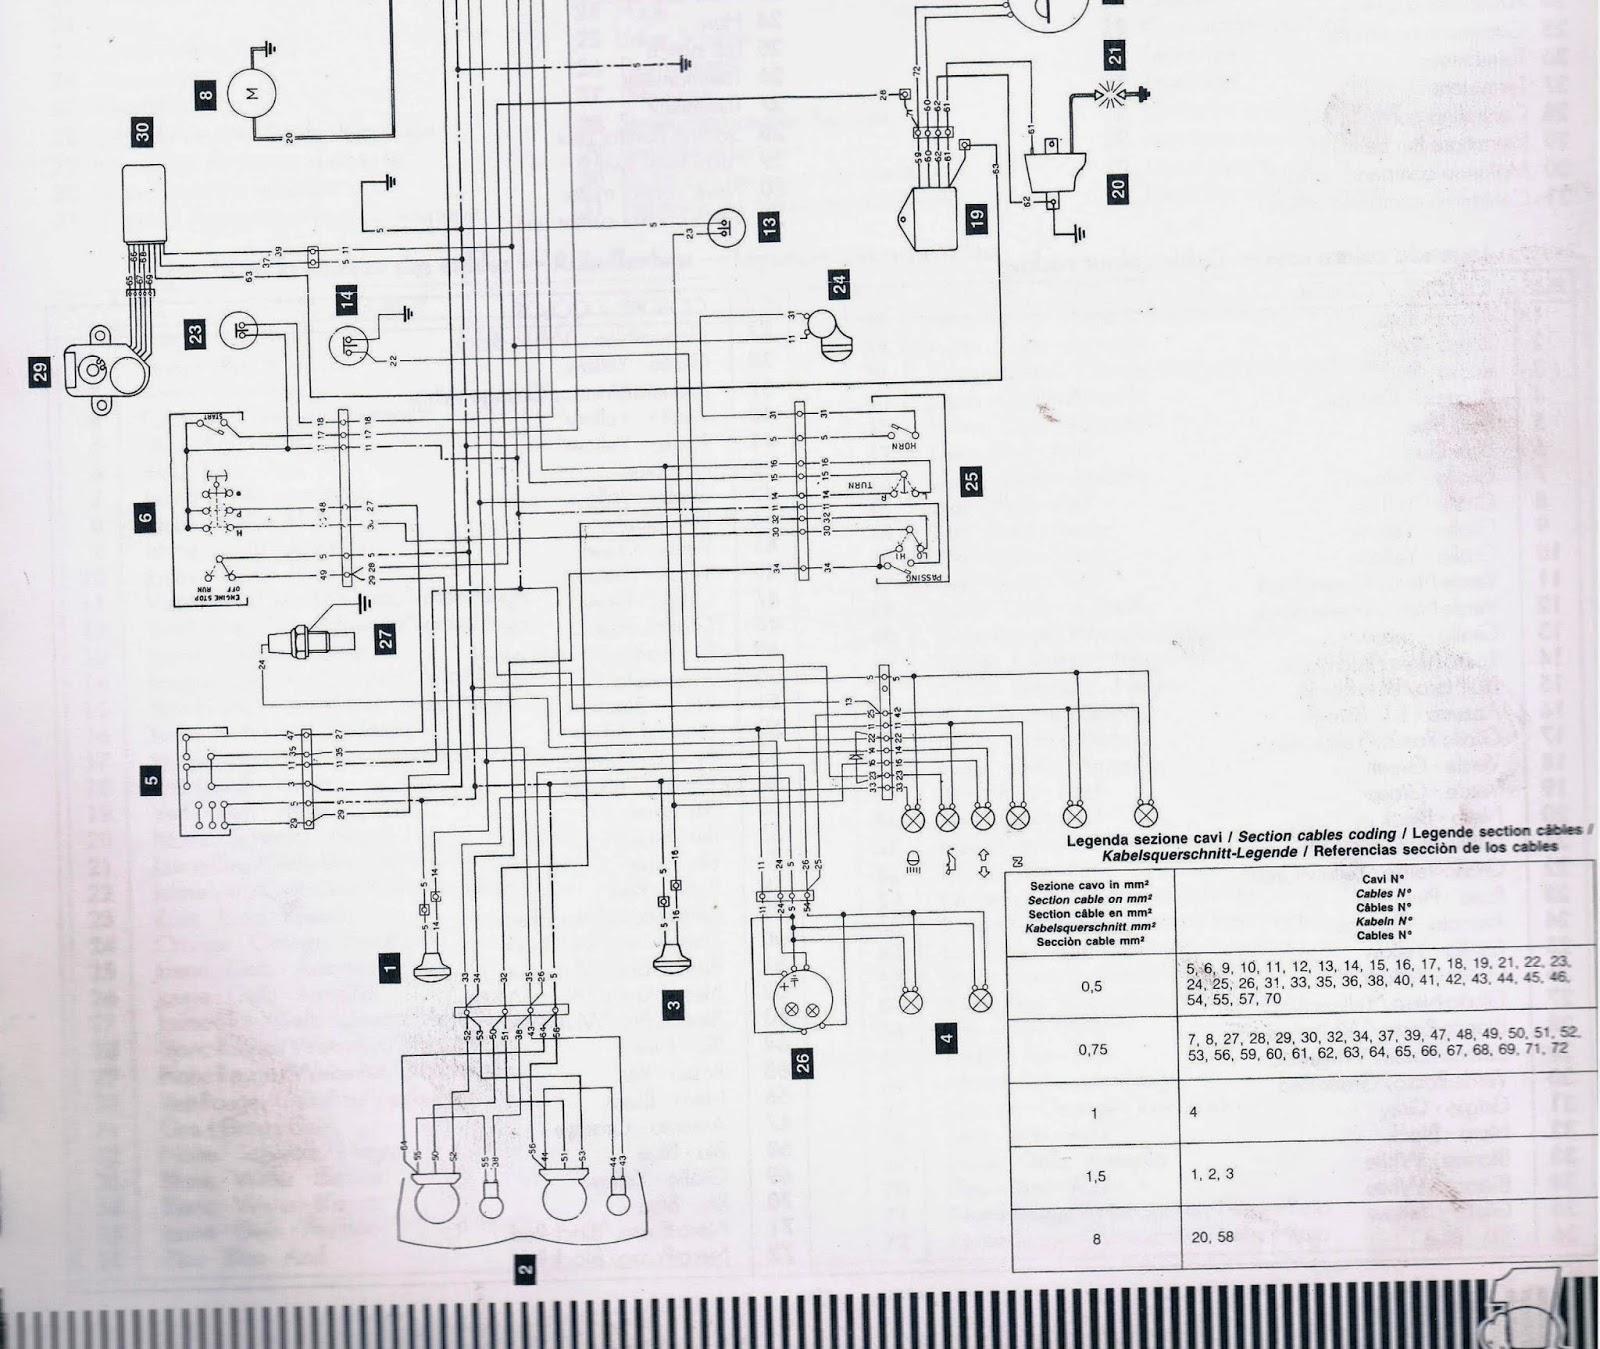 cagiva mito 125 cagiva mito 125 wiring diagrams electrics cagiva mito 125 cagiva mito power valve wiring [ 1600 x 1349 Pixel ]